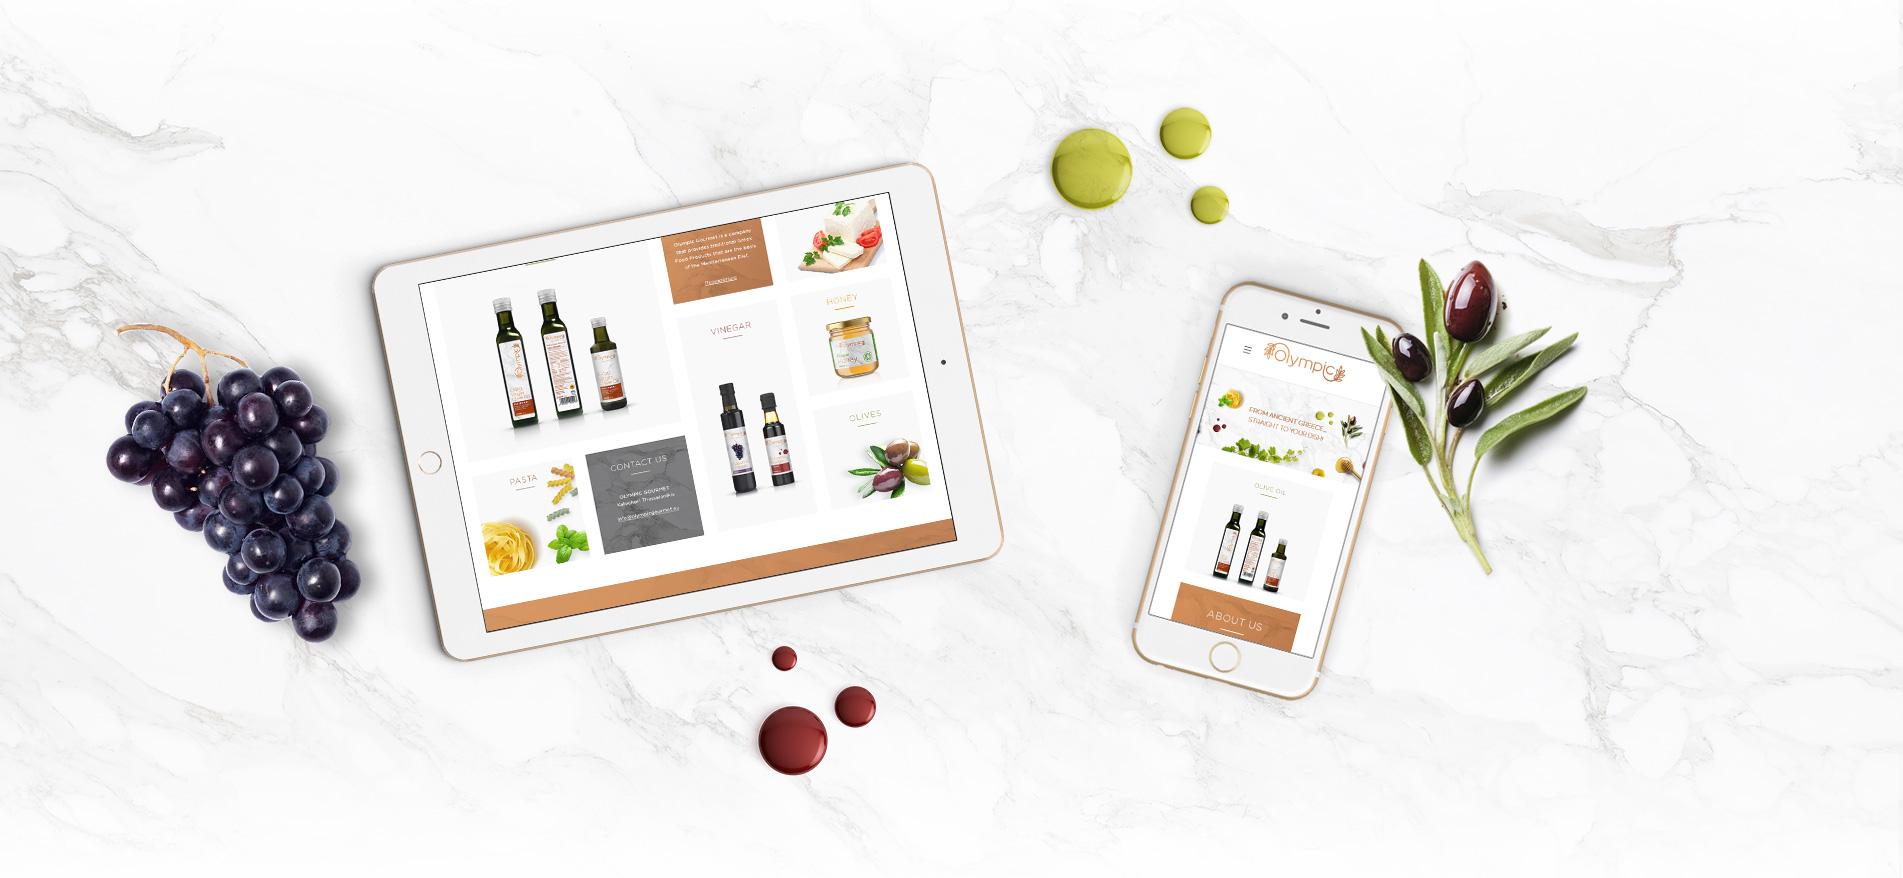 Website Design | Mobile version